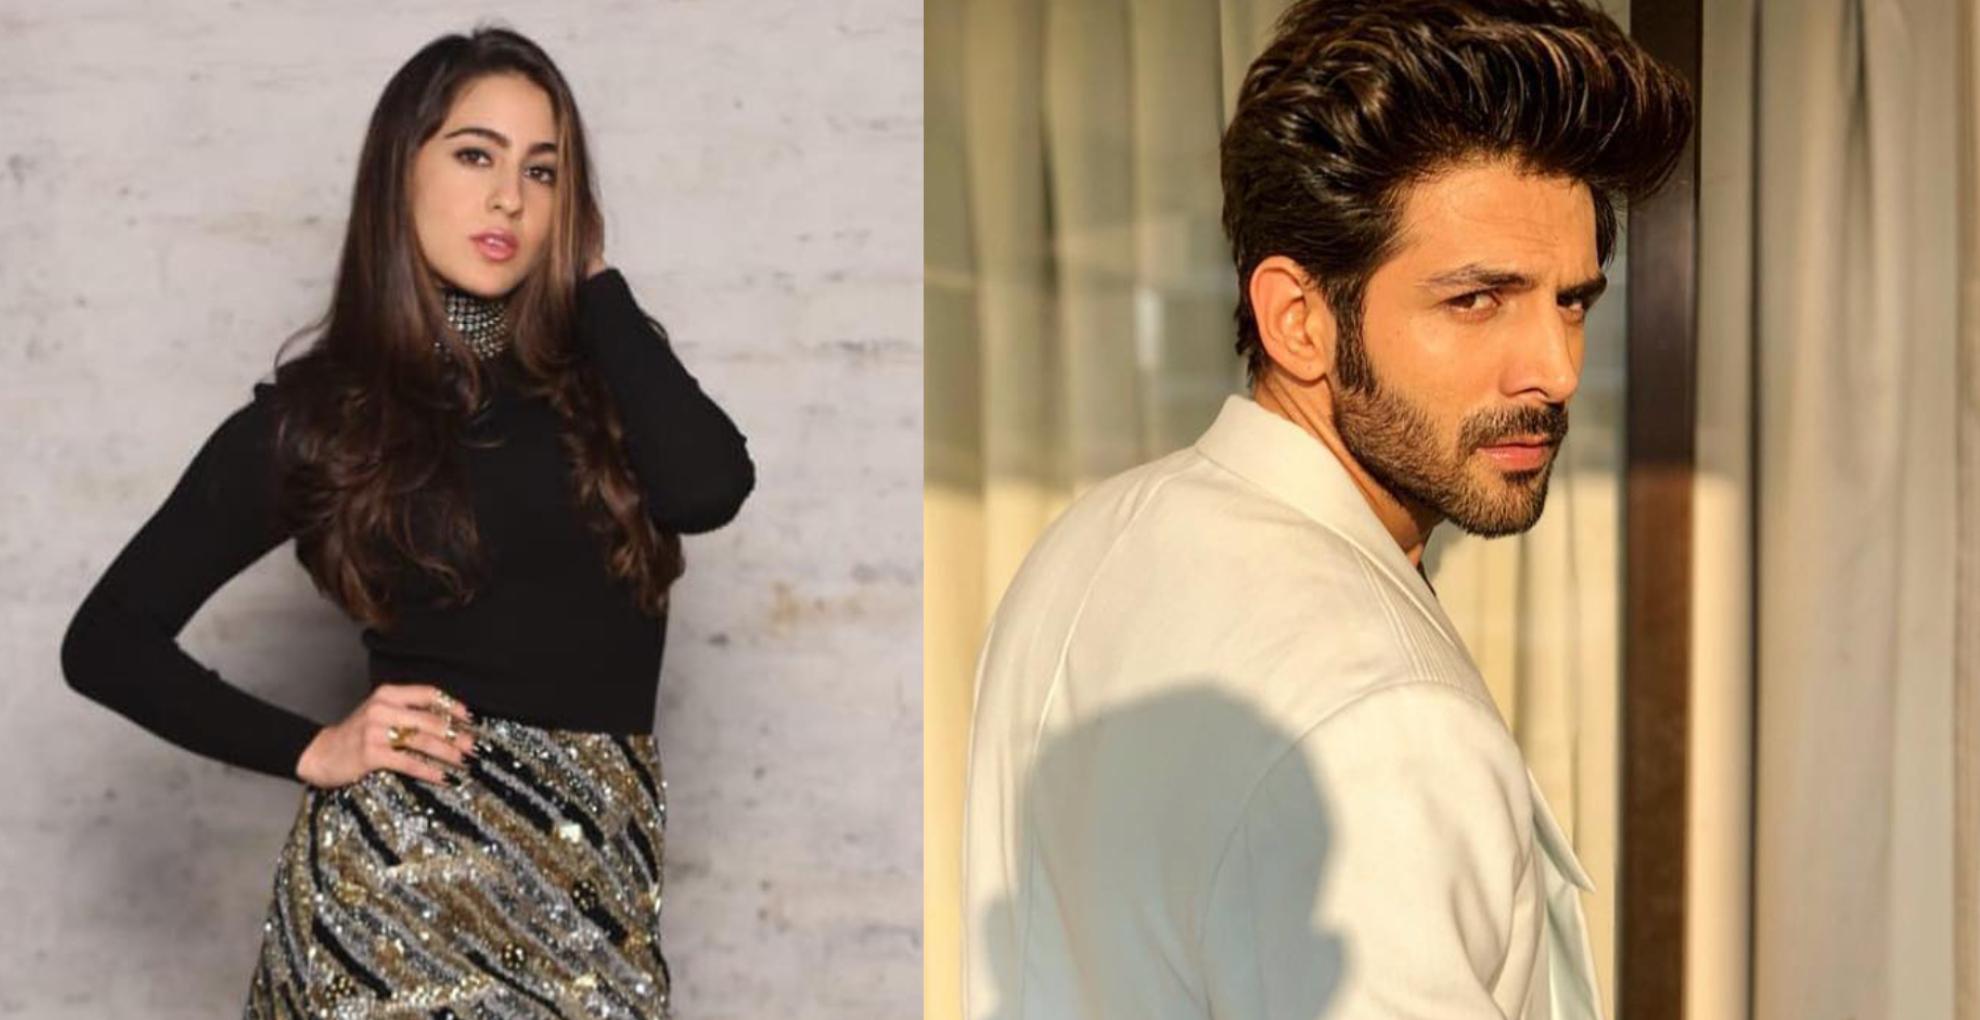 Love Aaj Kal Sequel: फिल्म से सारा अली खान-कार्तिक आर्यन का ये सीन हुआ लीक, एक्टर का दिखा रेट्रो लुक